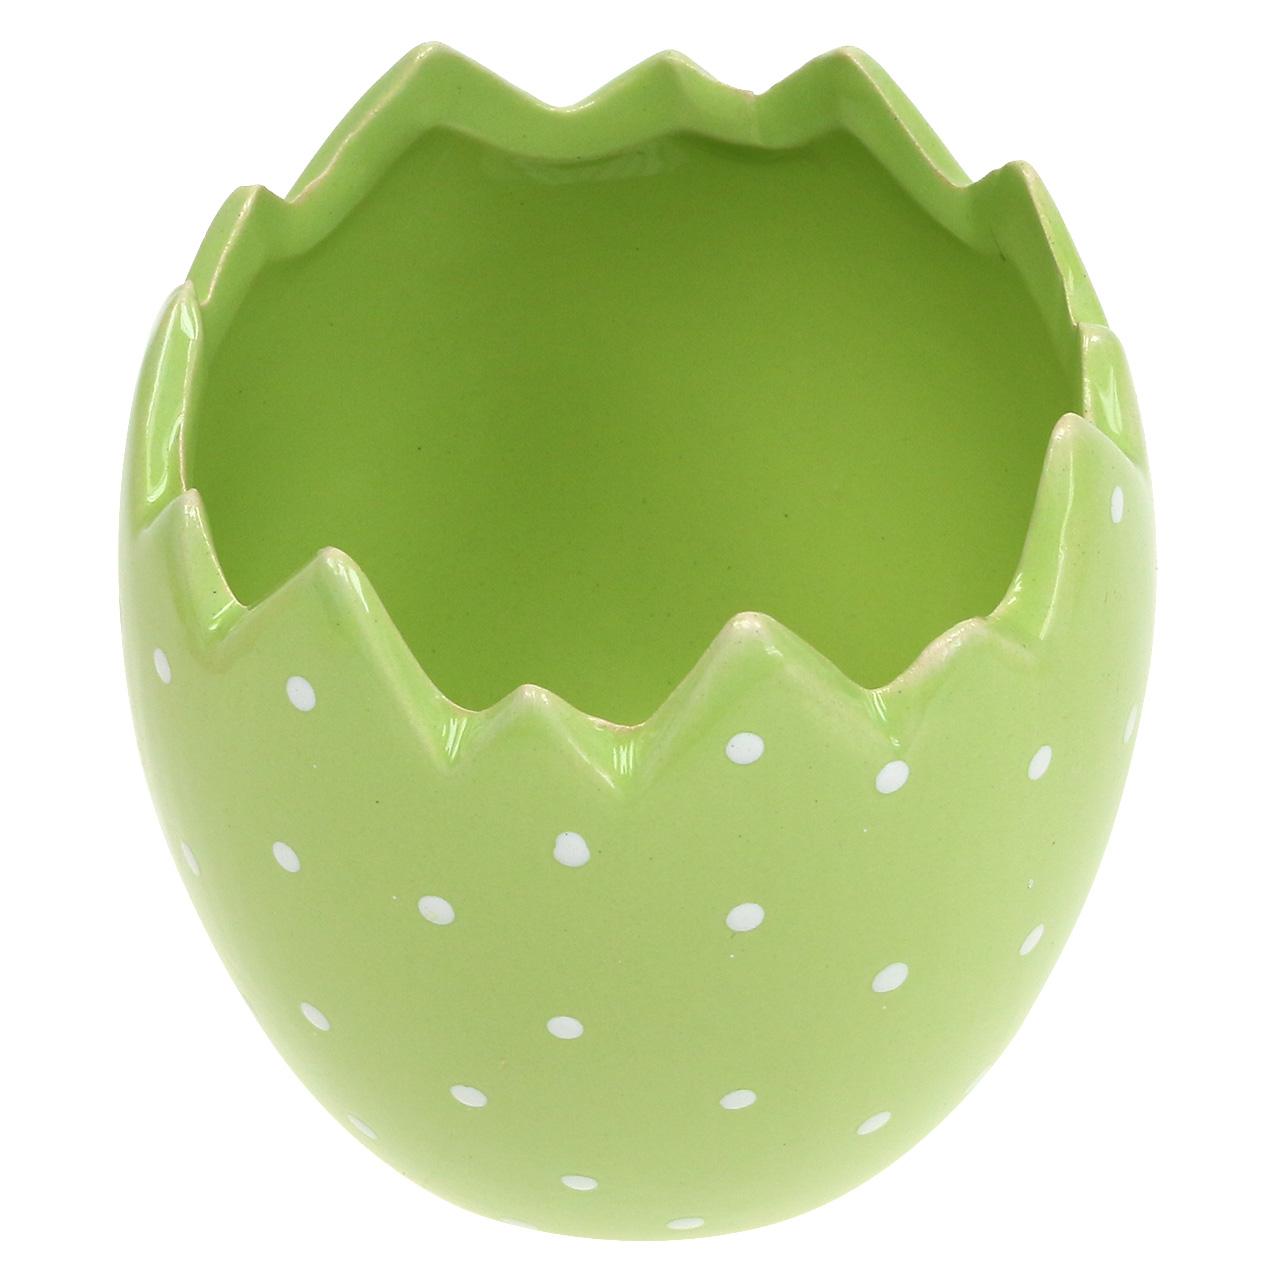 Grüne Eierschale